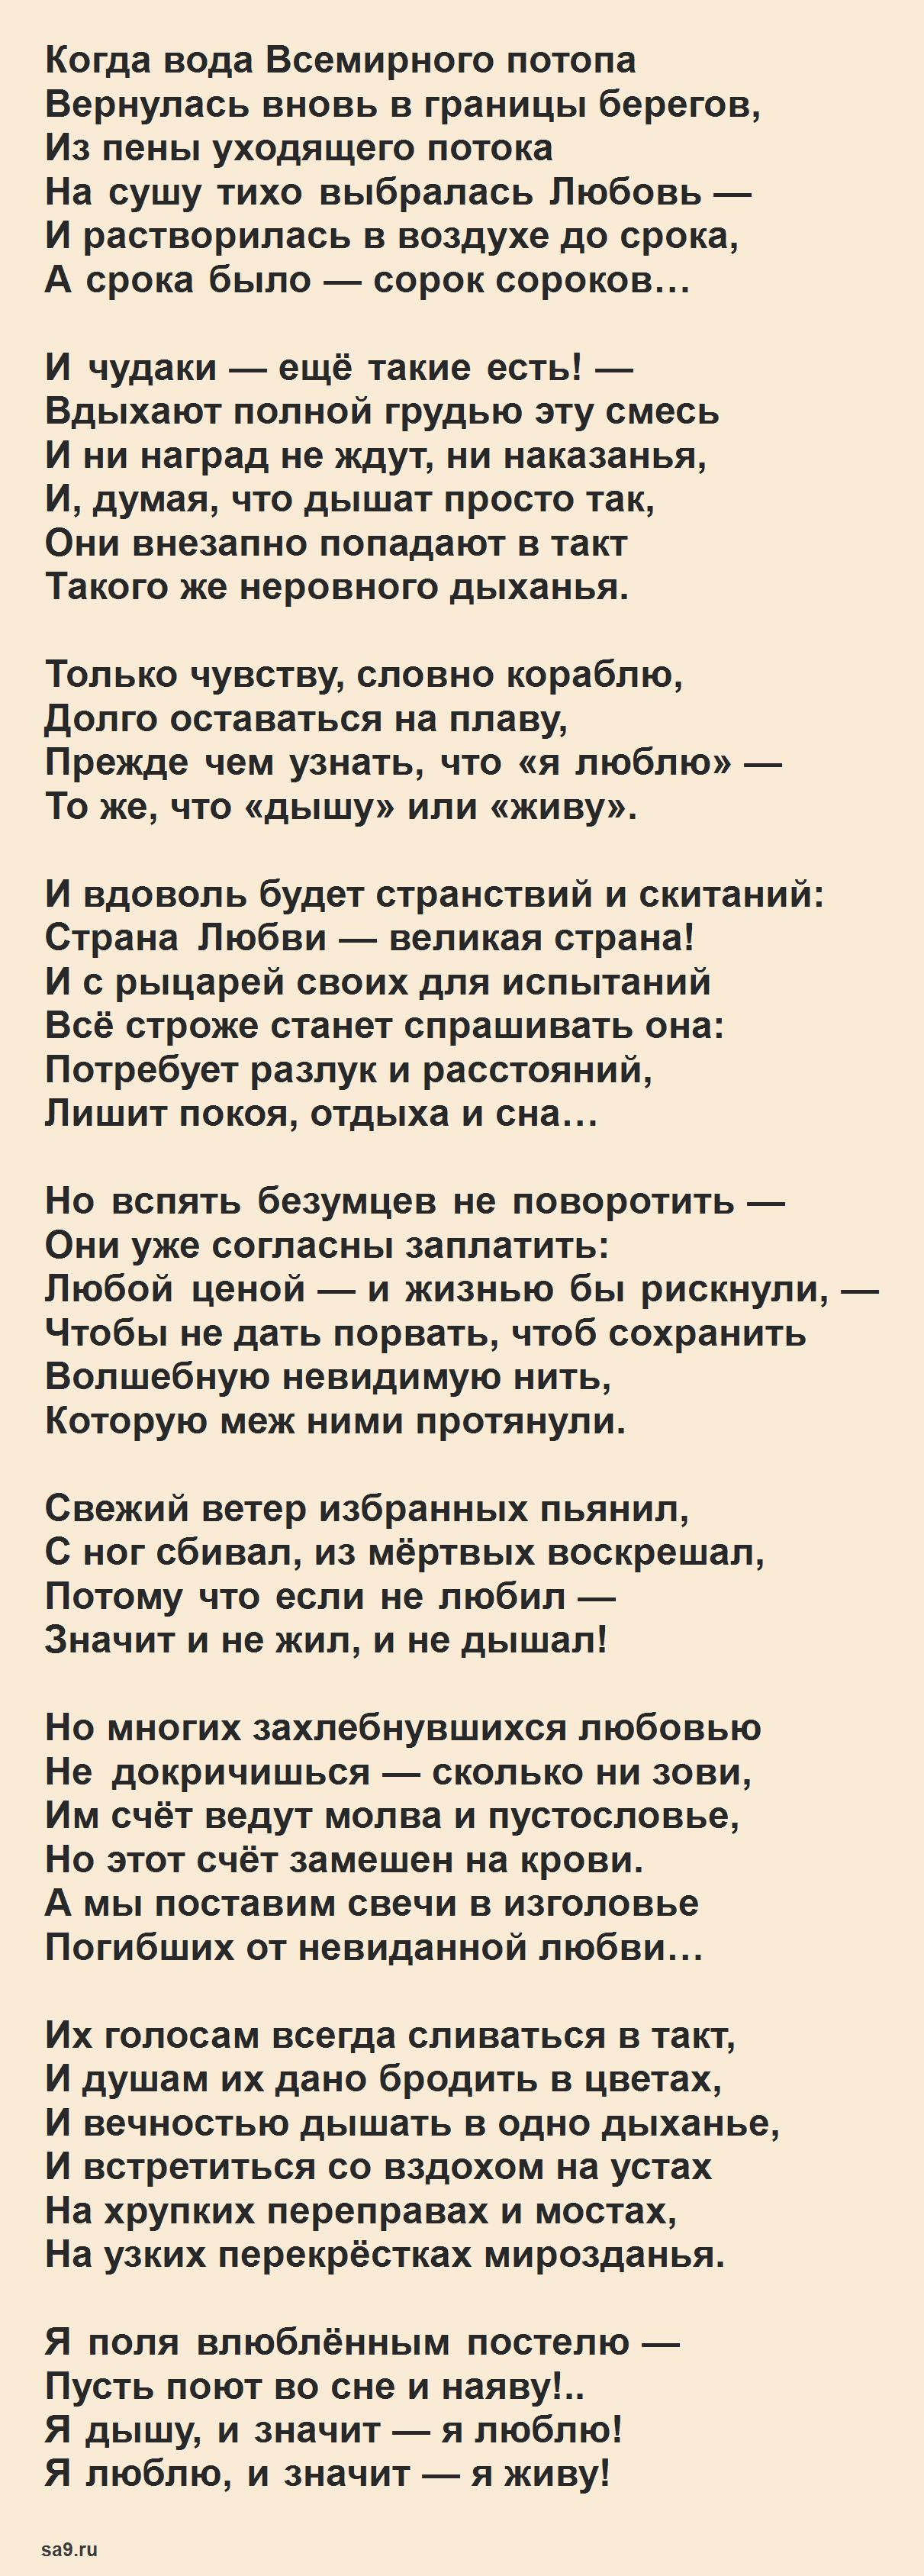 Высоцкий стихи о любви - Баллада о любви